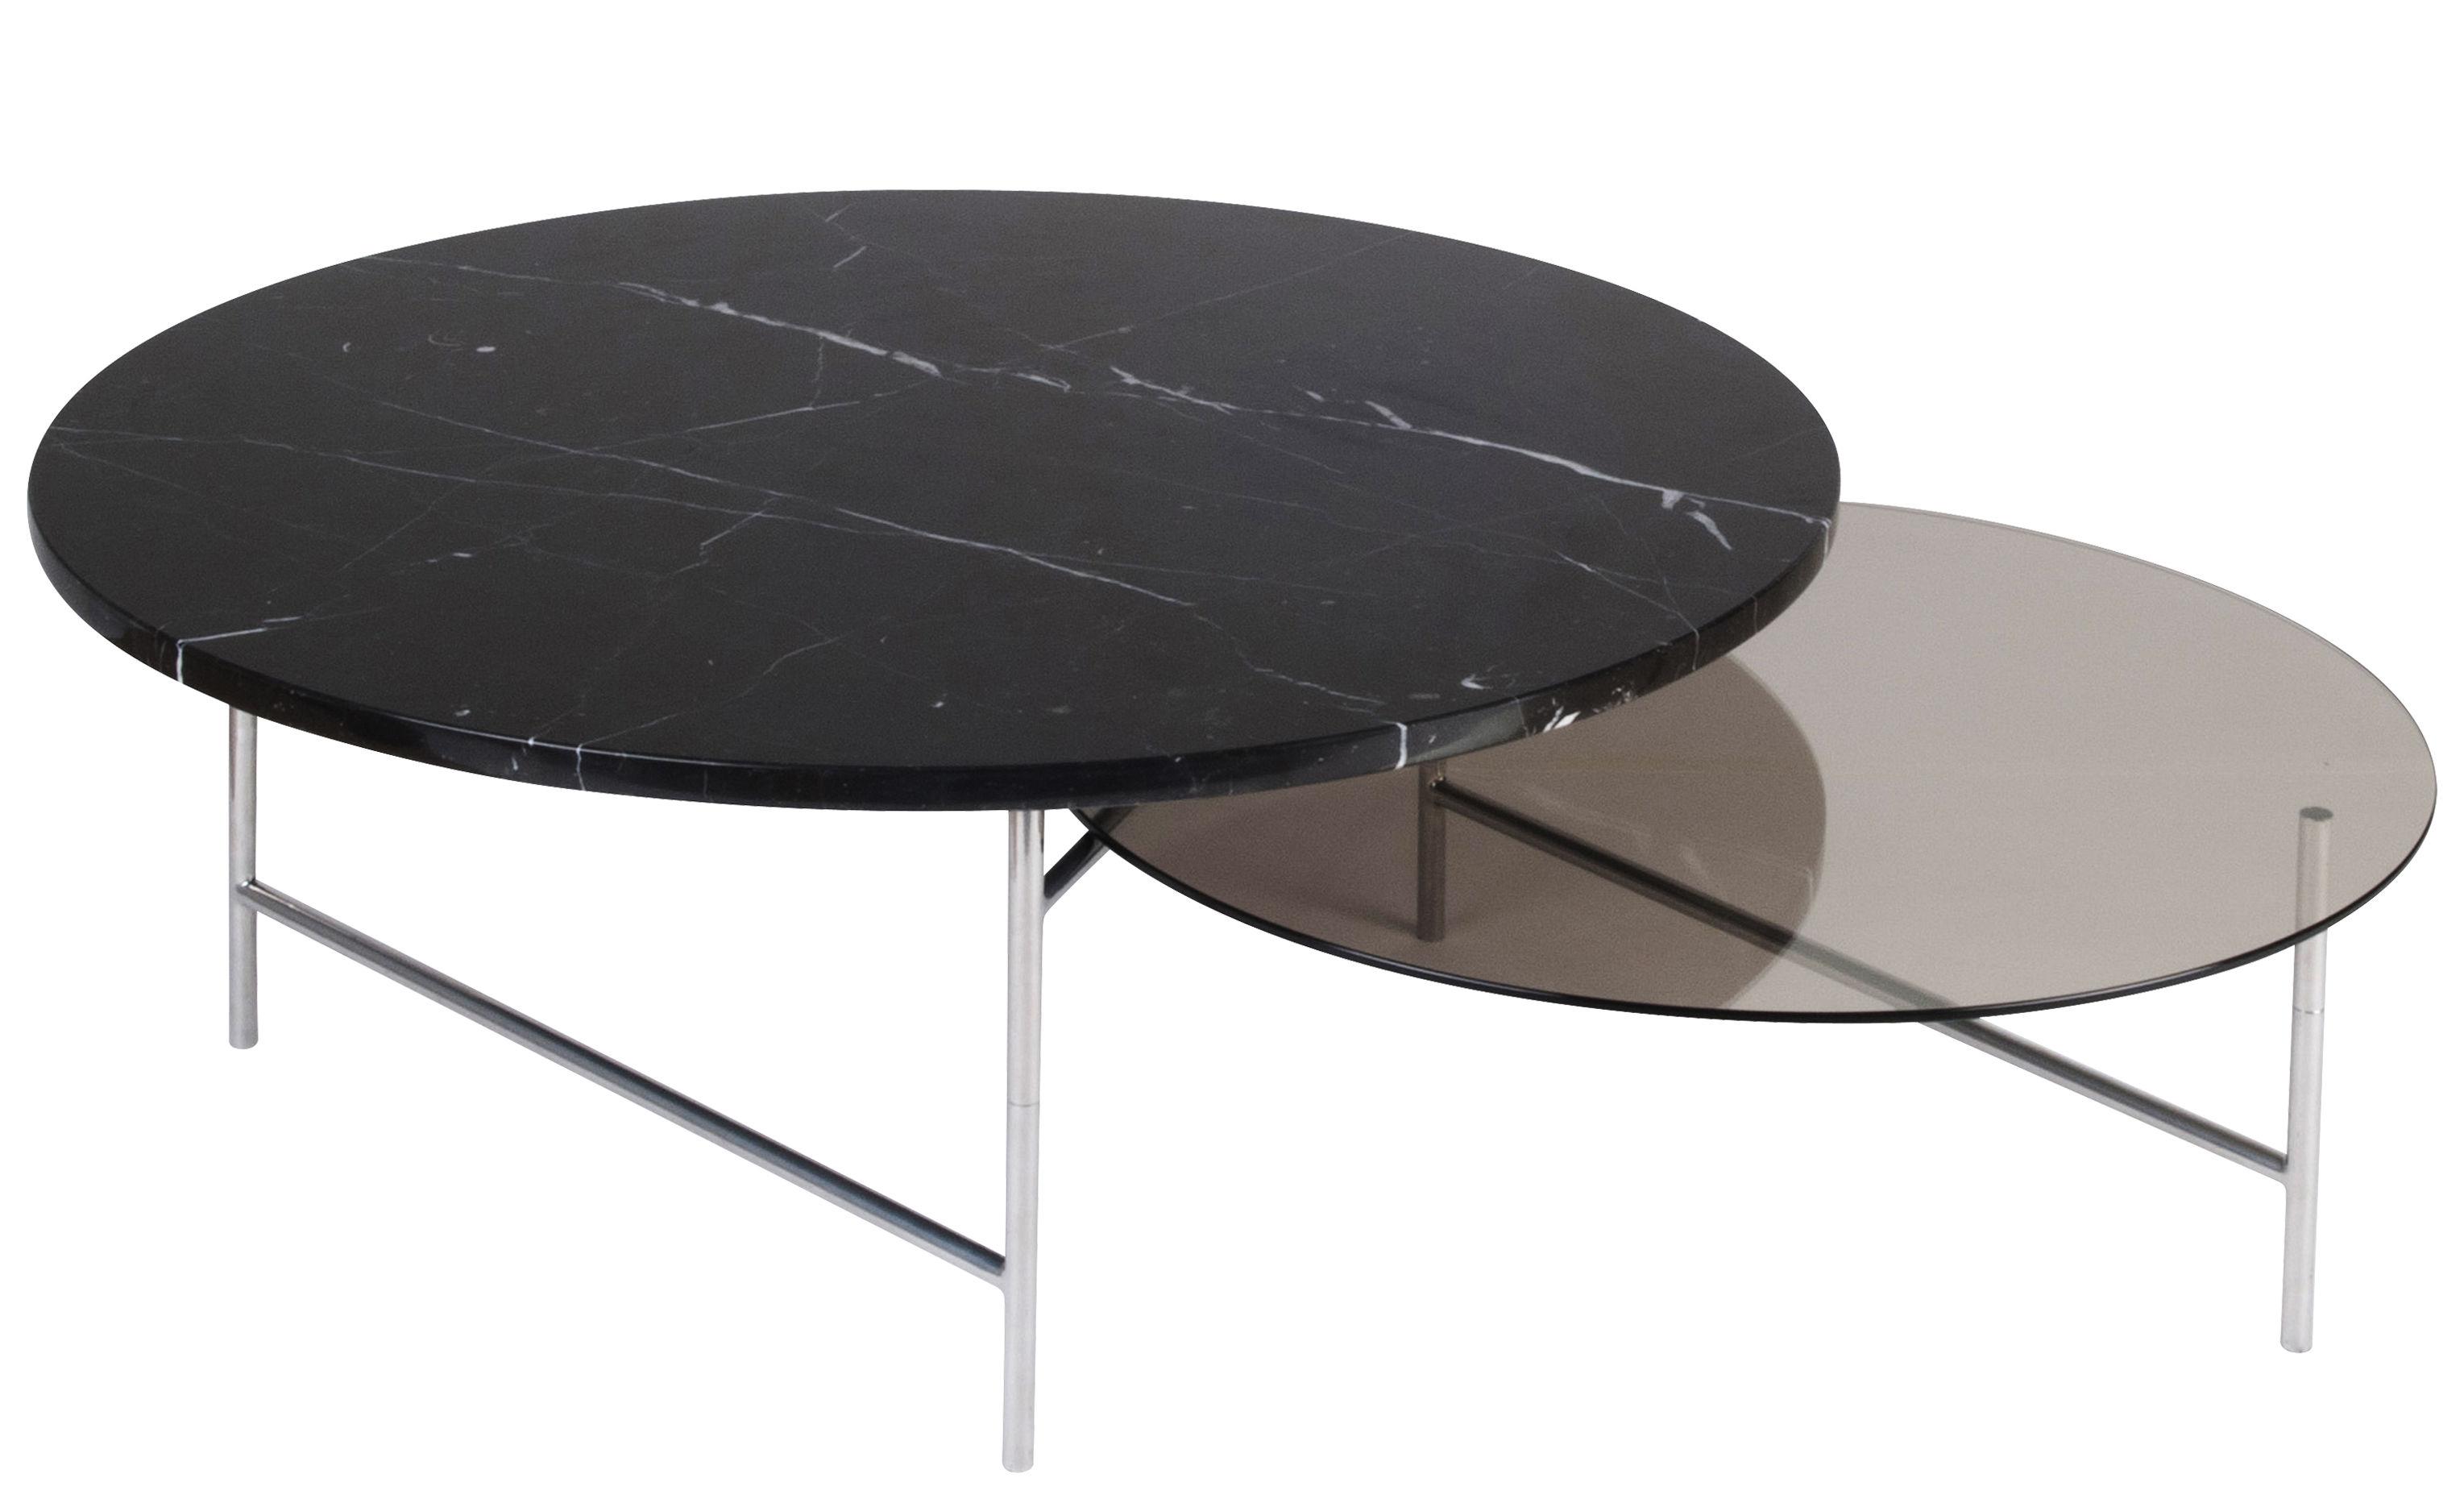 table basse zorro 2 plateaux marbre verre marbre noir verre fum pieds chrom s la chance. Black Bedroom Furniture Sets. Home Design Ideas